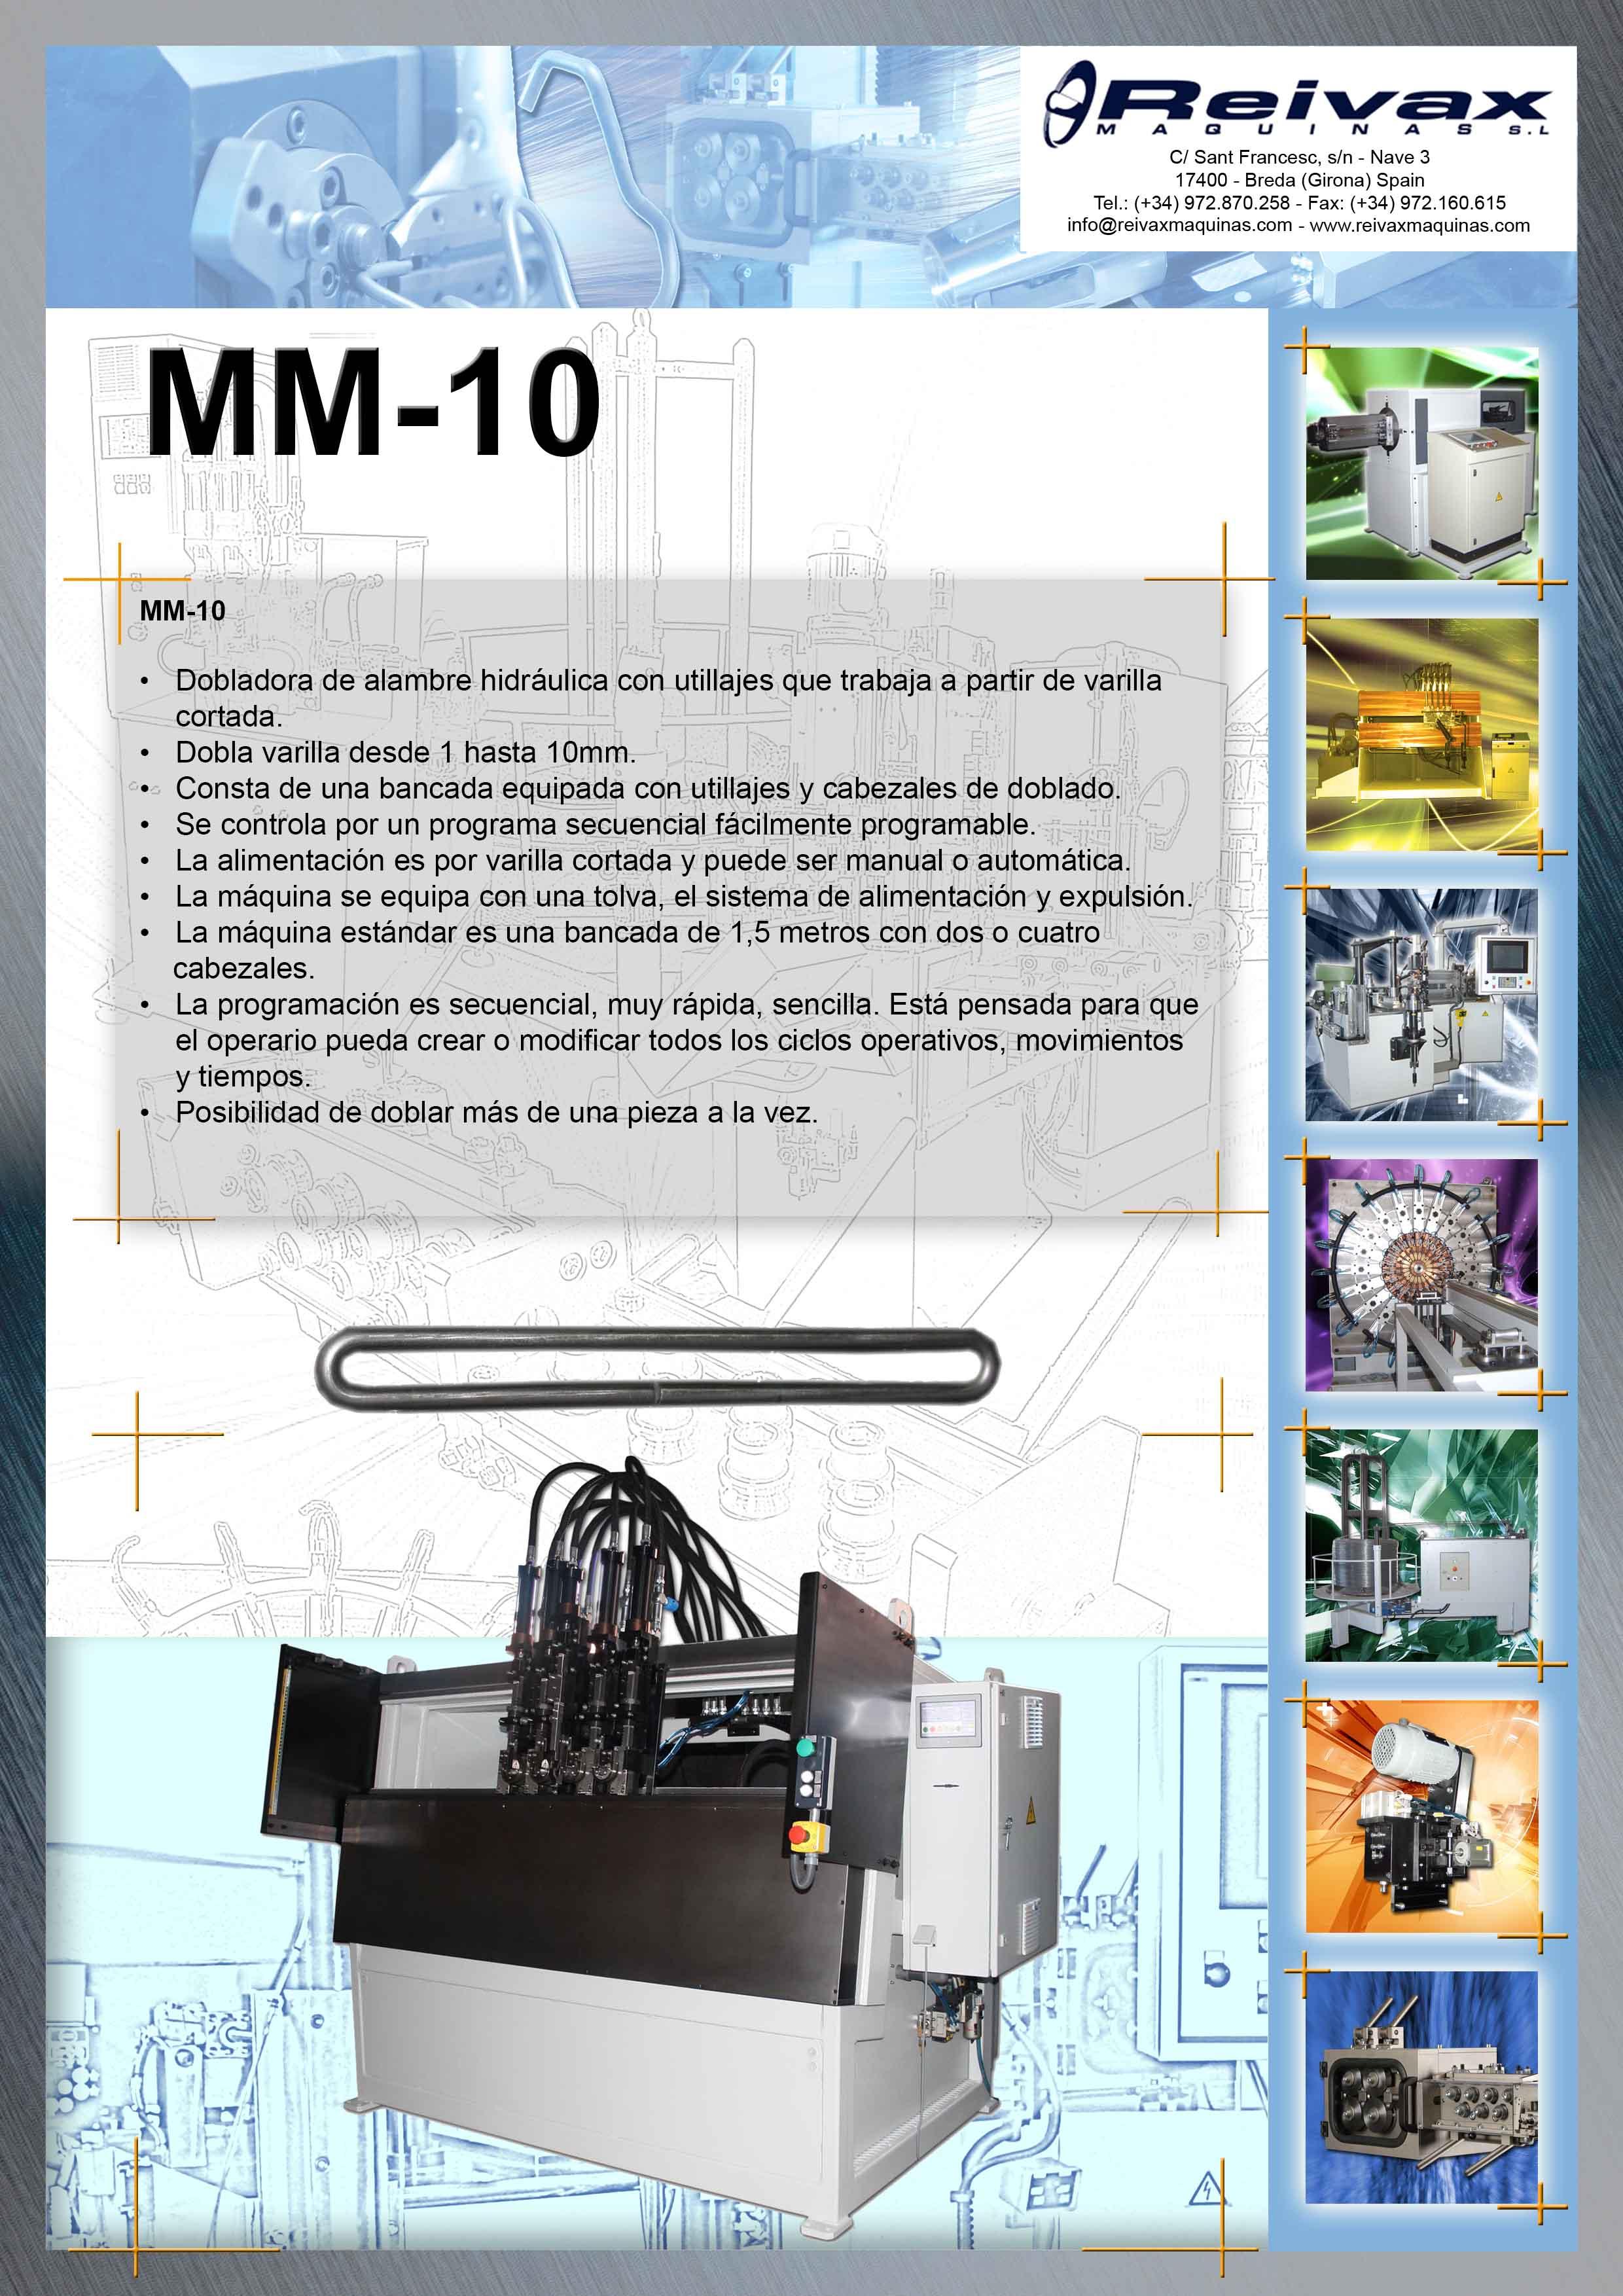 ReivaxMaquinas SL: MM-10 Maquina manual para la fabricación de marcos o piezas similares.